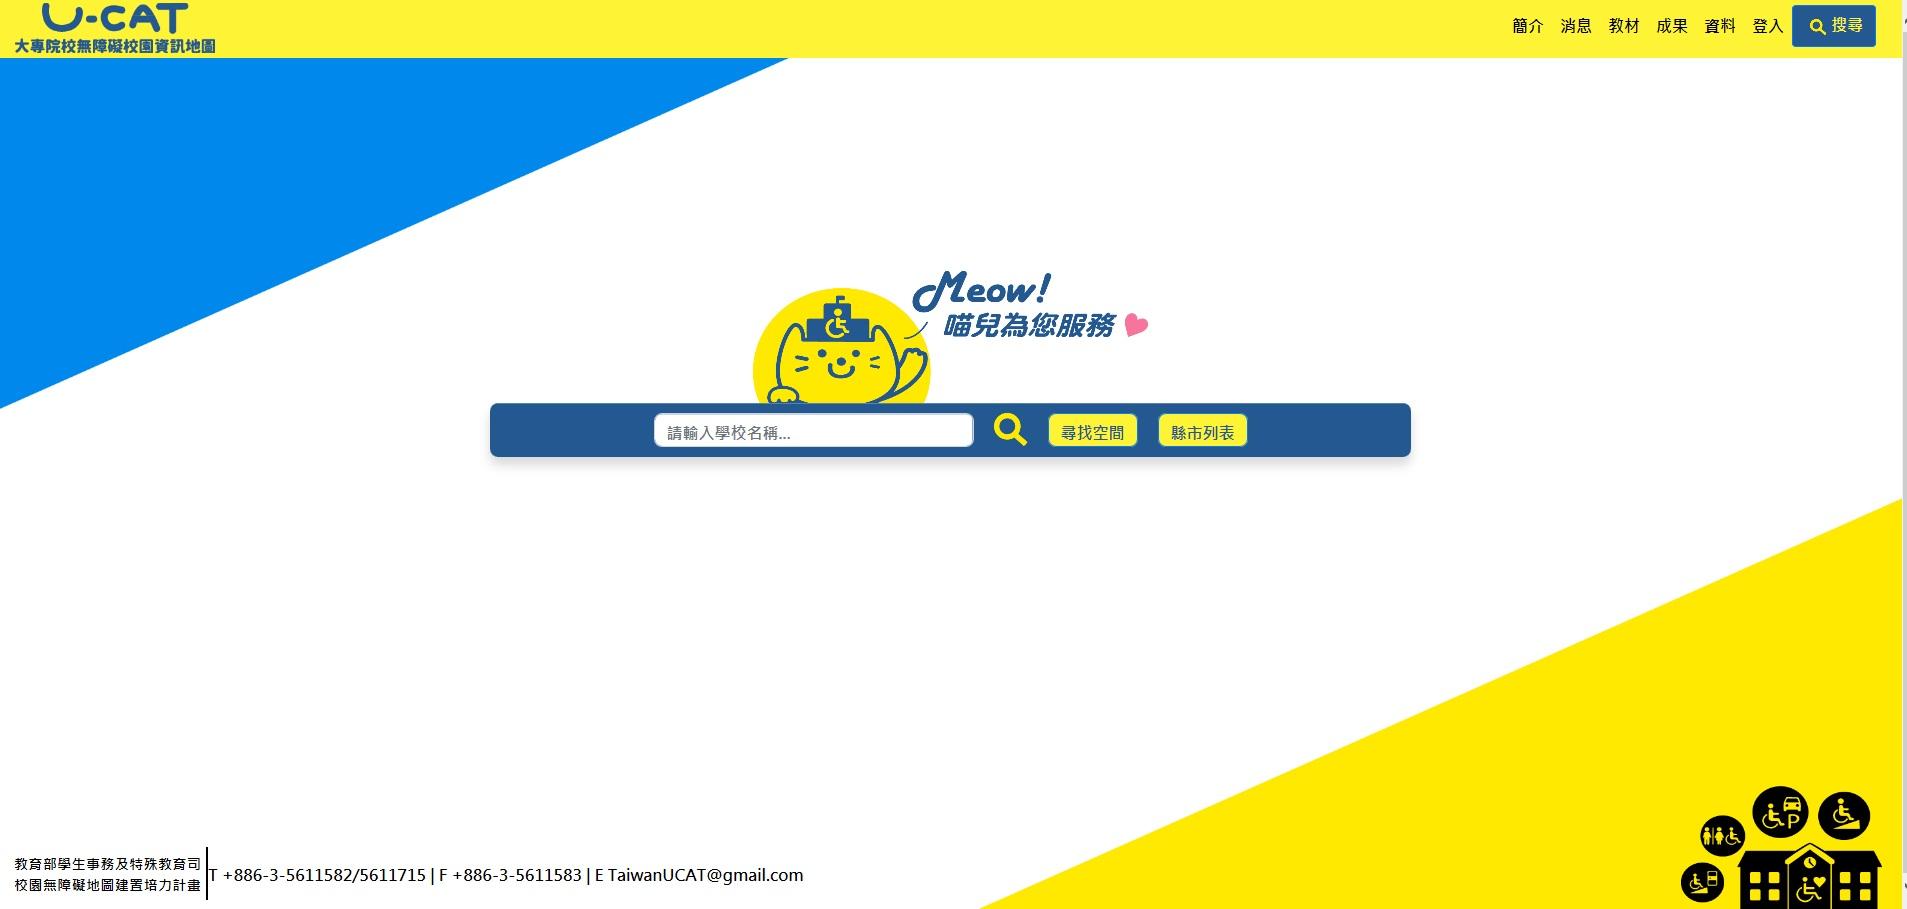 UCAT無障礙校園地圖首頁_大圖